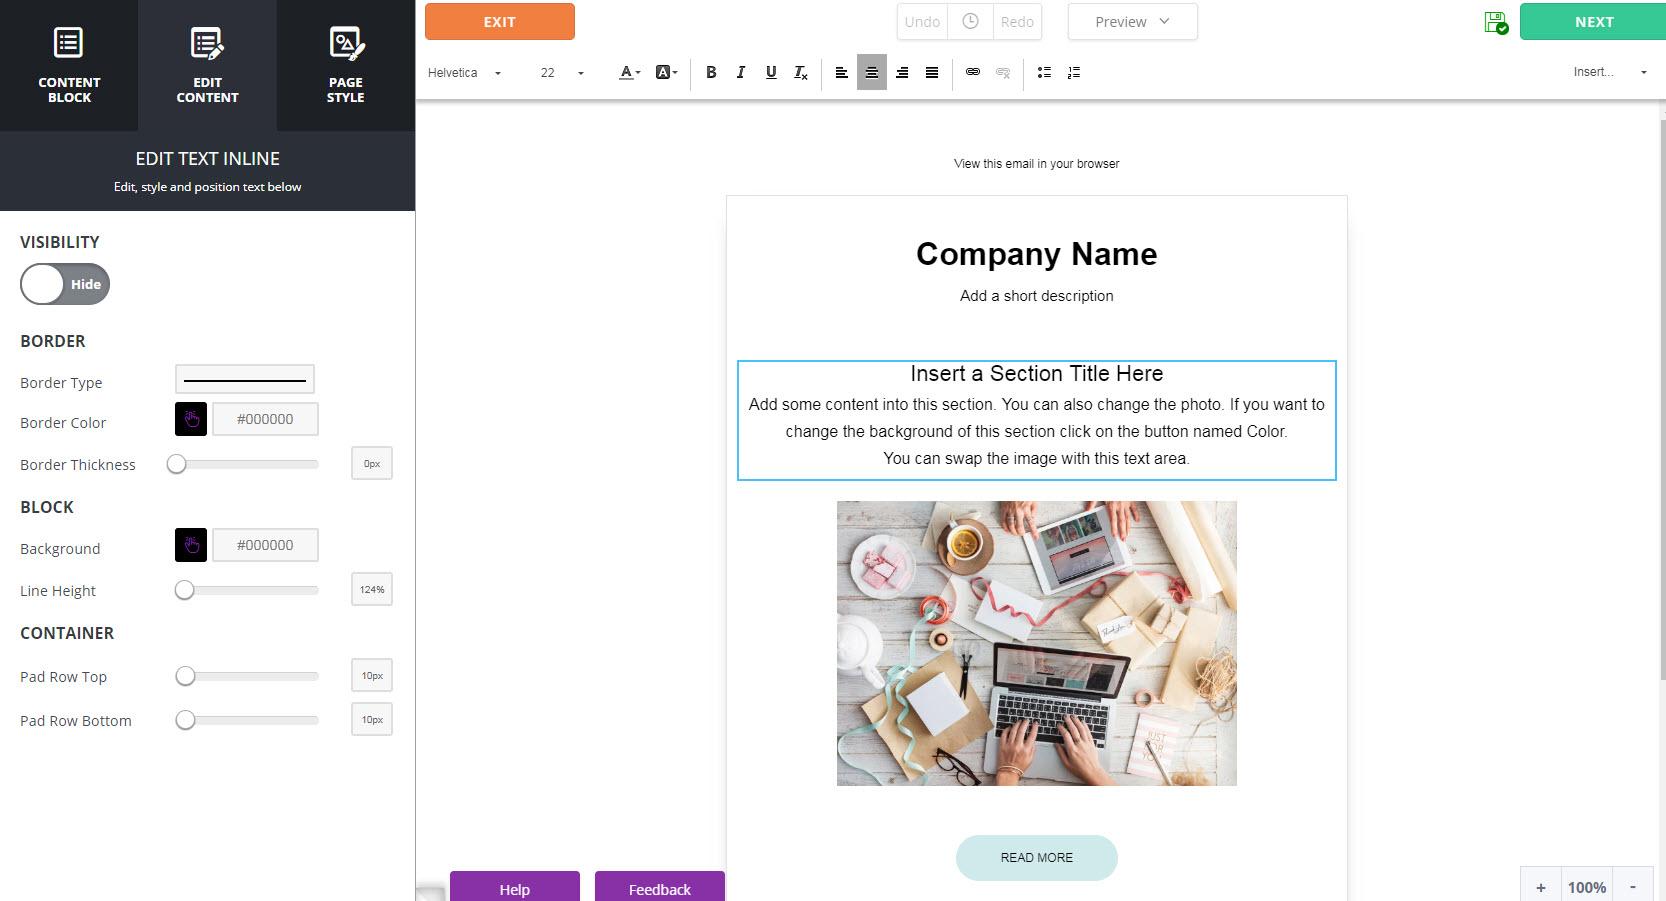 VerticalResponse Demo - Easy to use